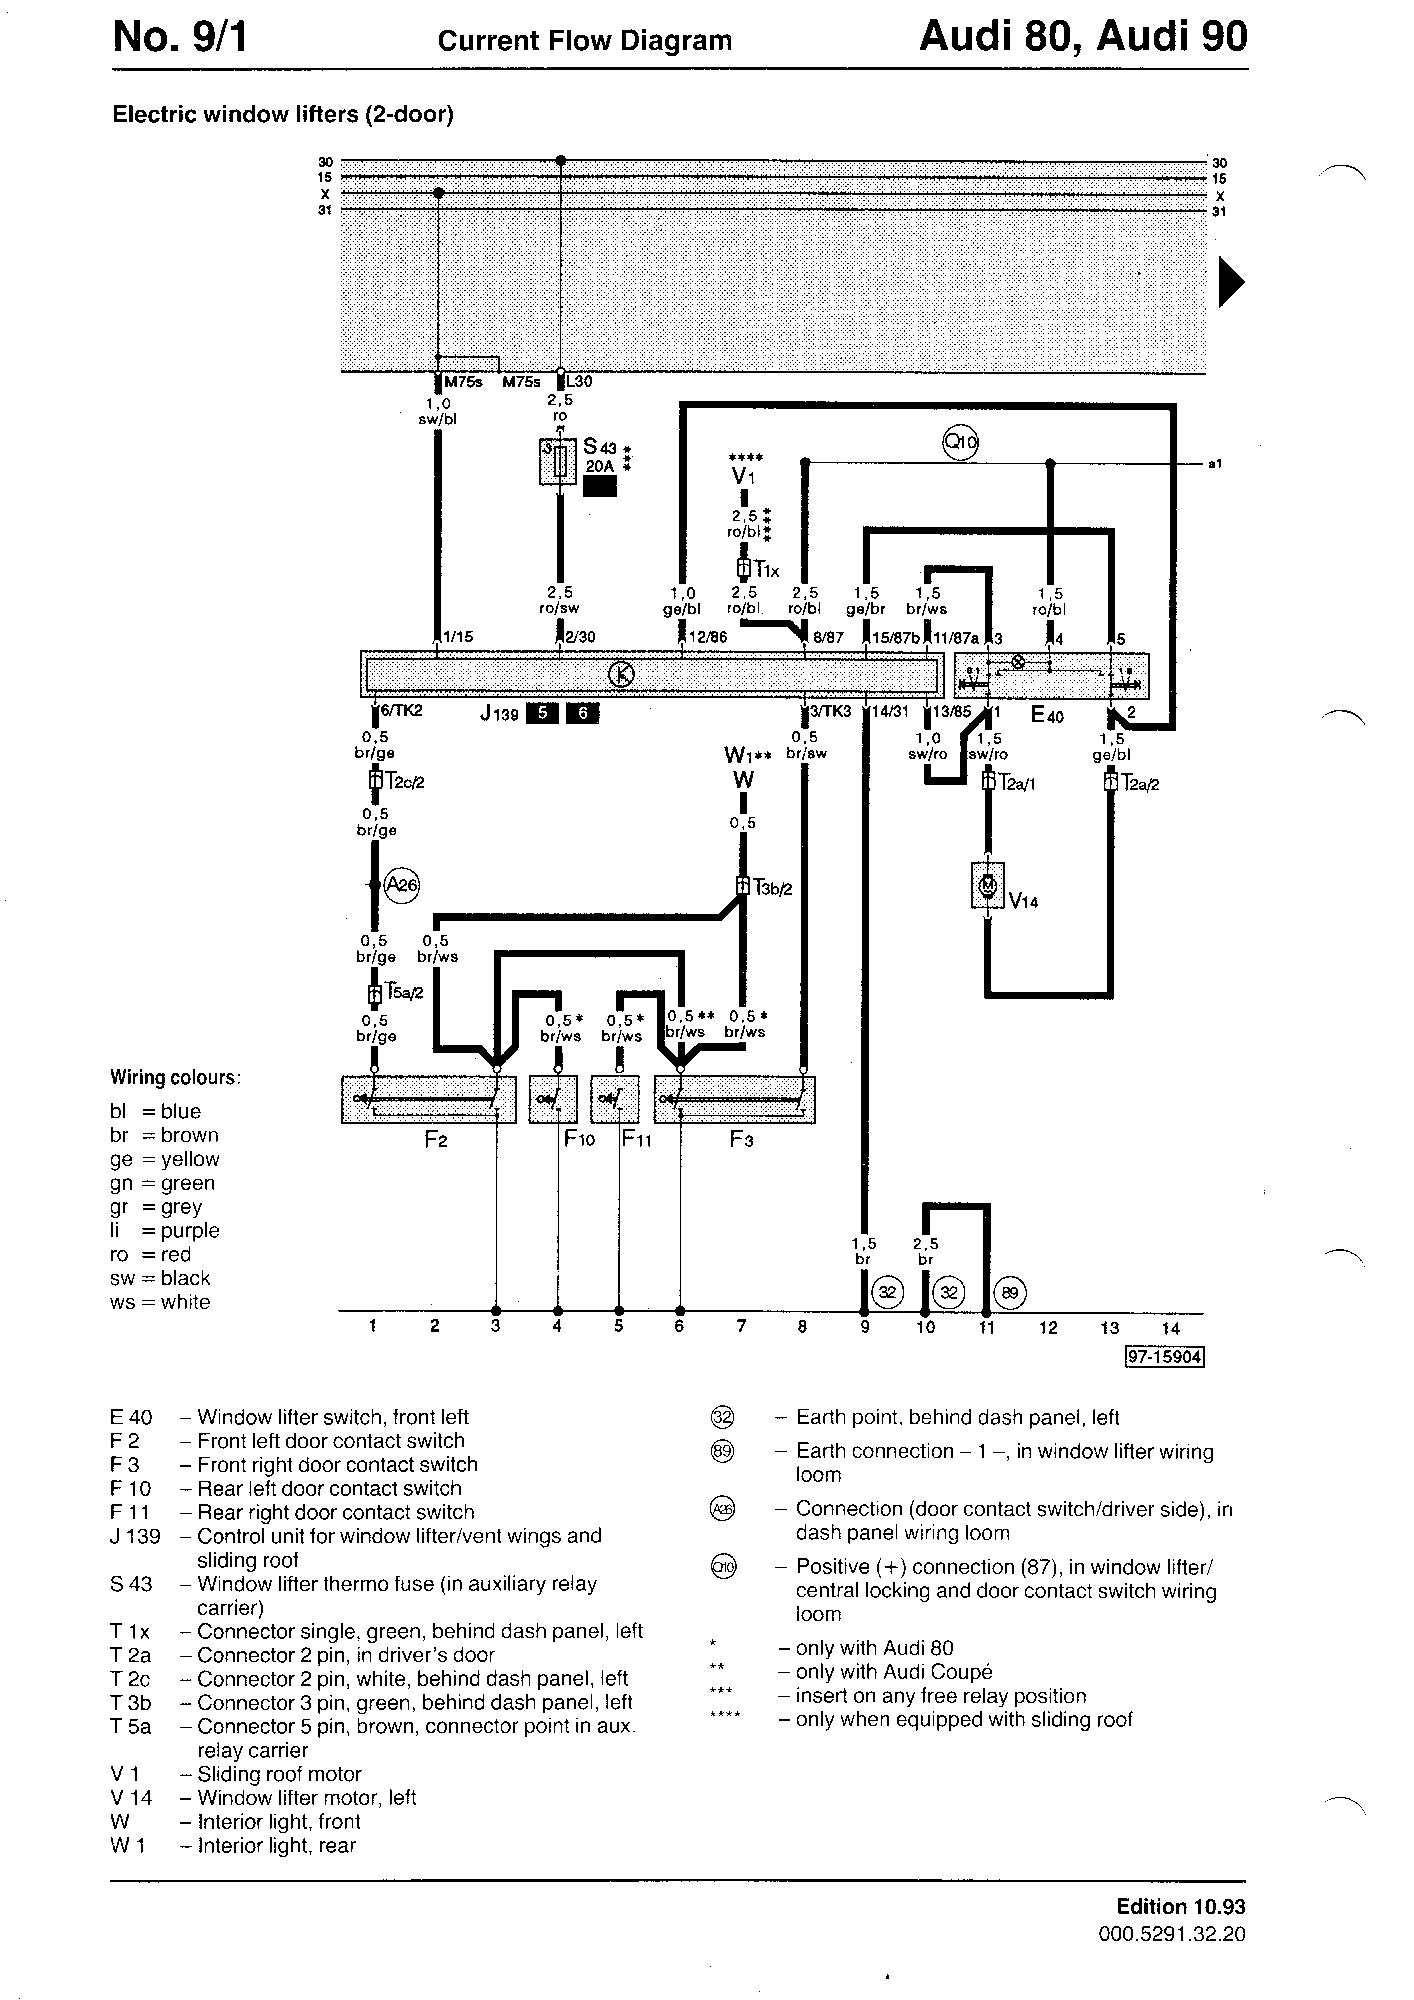 fms audio wiring diagram mct006g2 b  wiring database